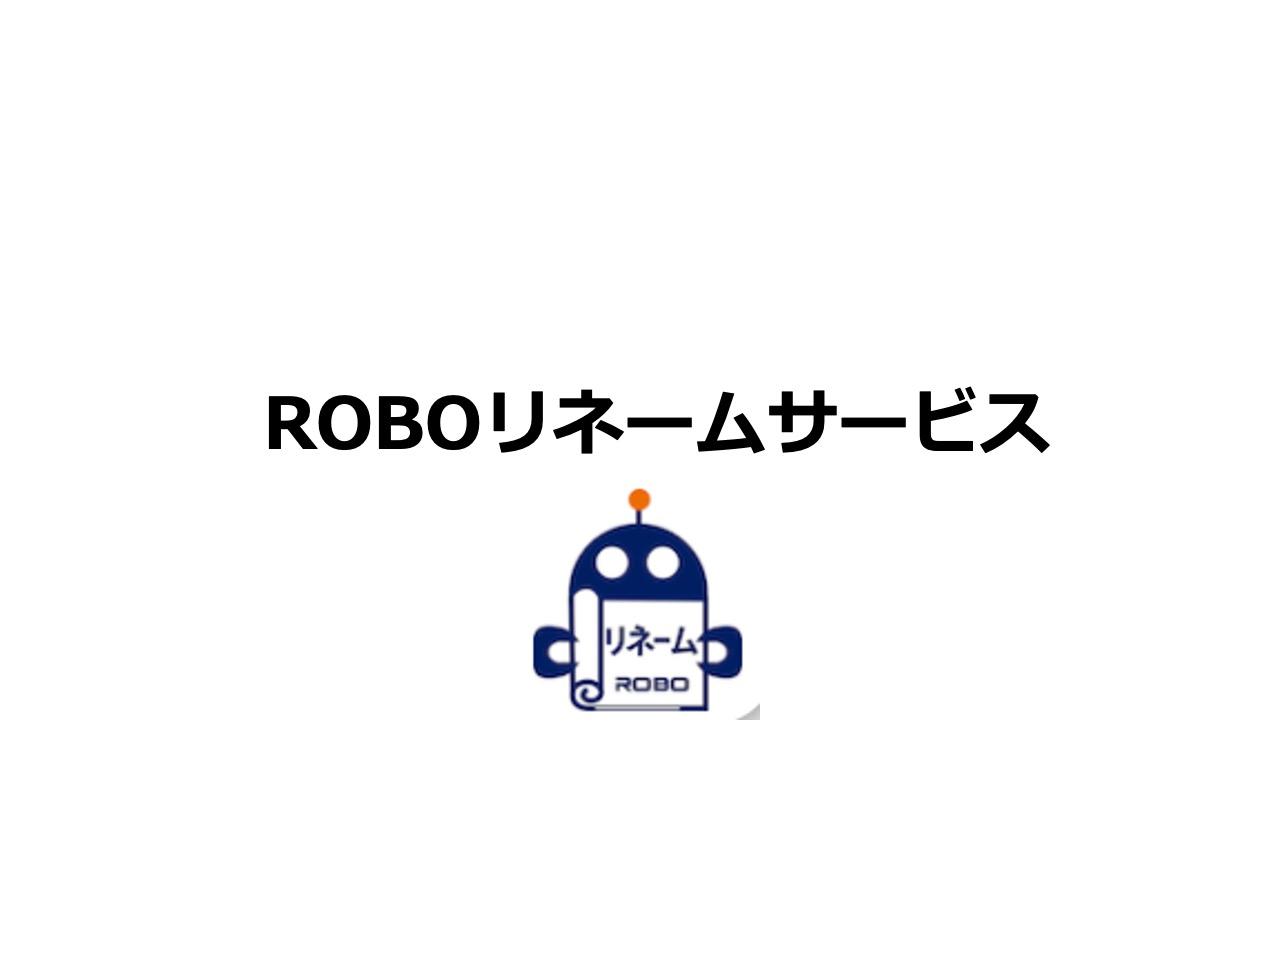 09-Roboリネームサービス20200507